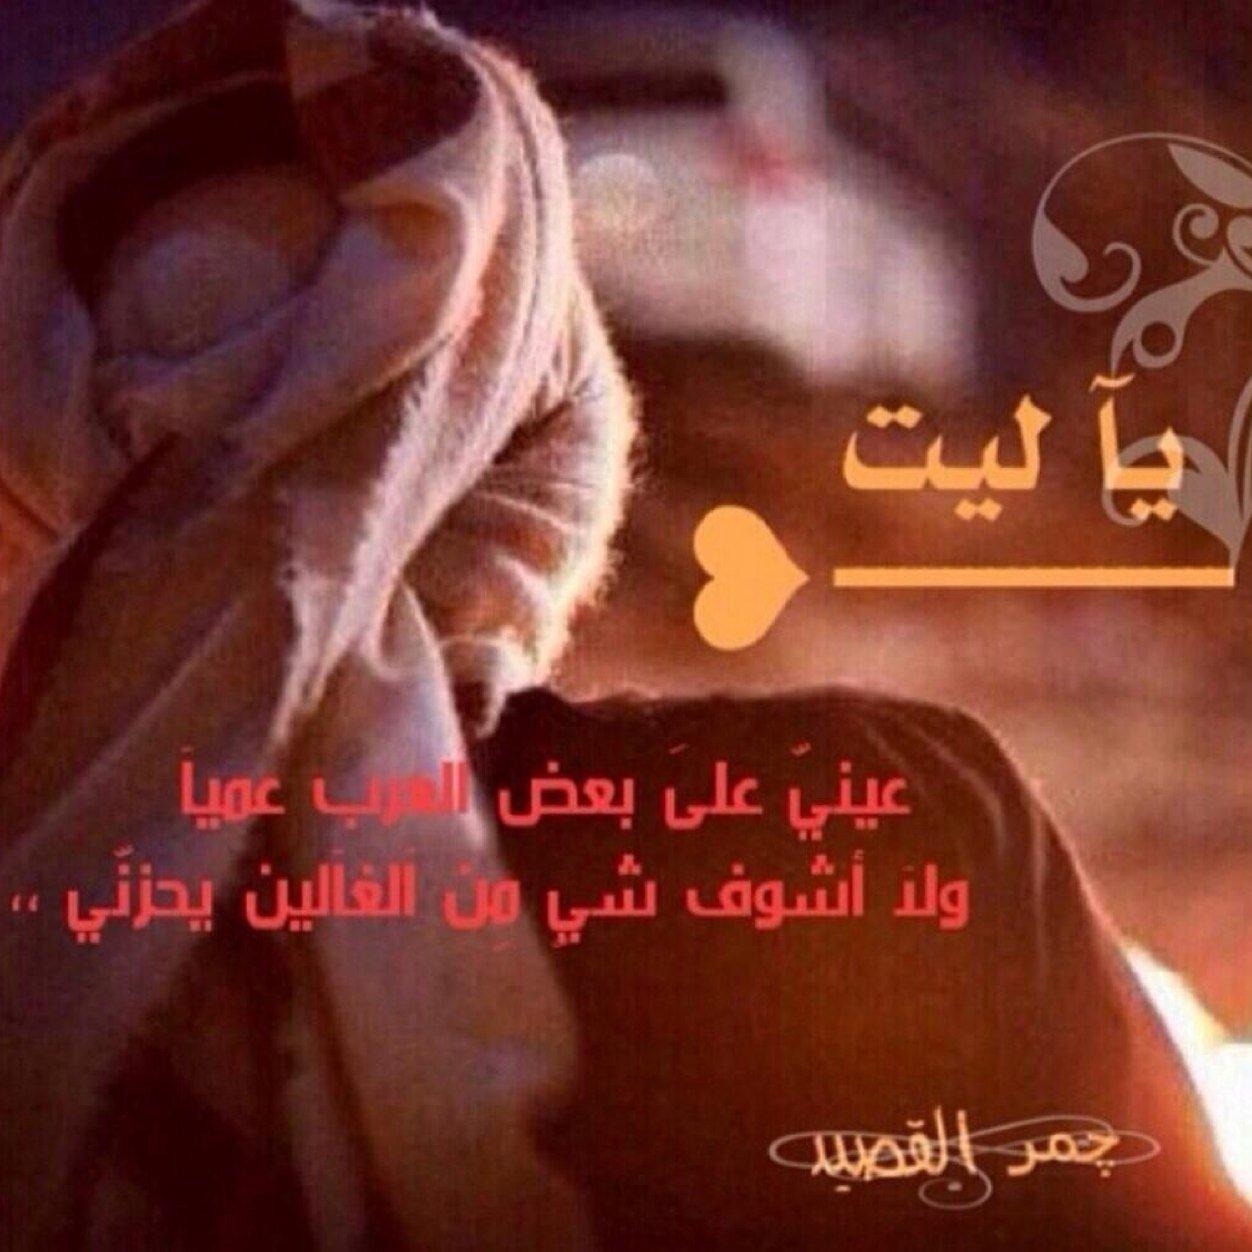 الكثير من الخير الجميل زمن فائض شعر حب بدوي قصير Sjvbca Org